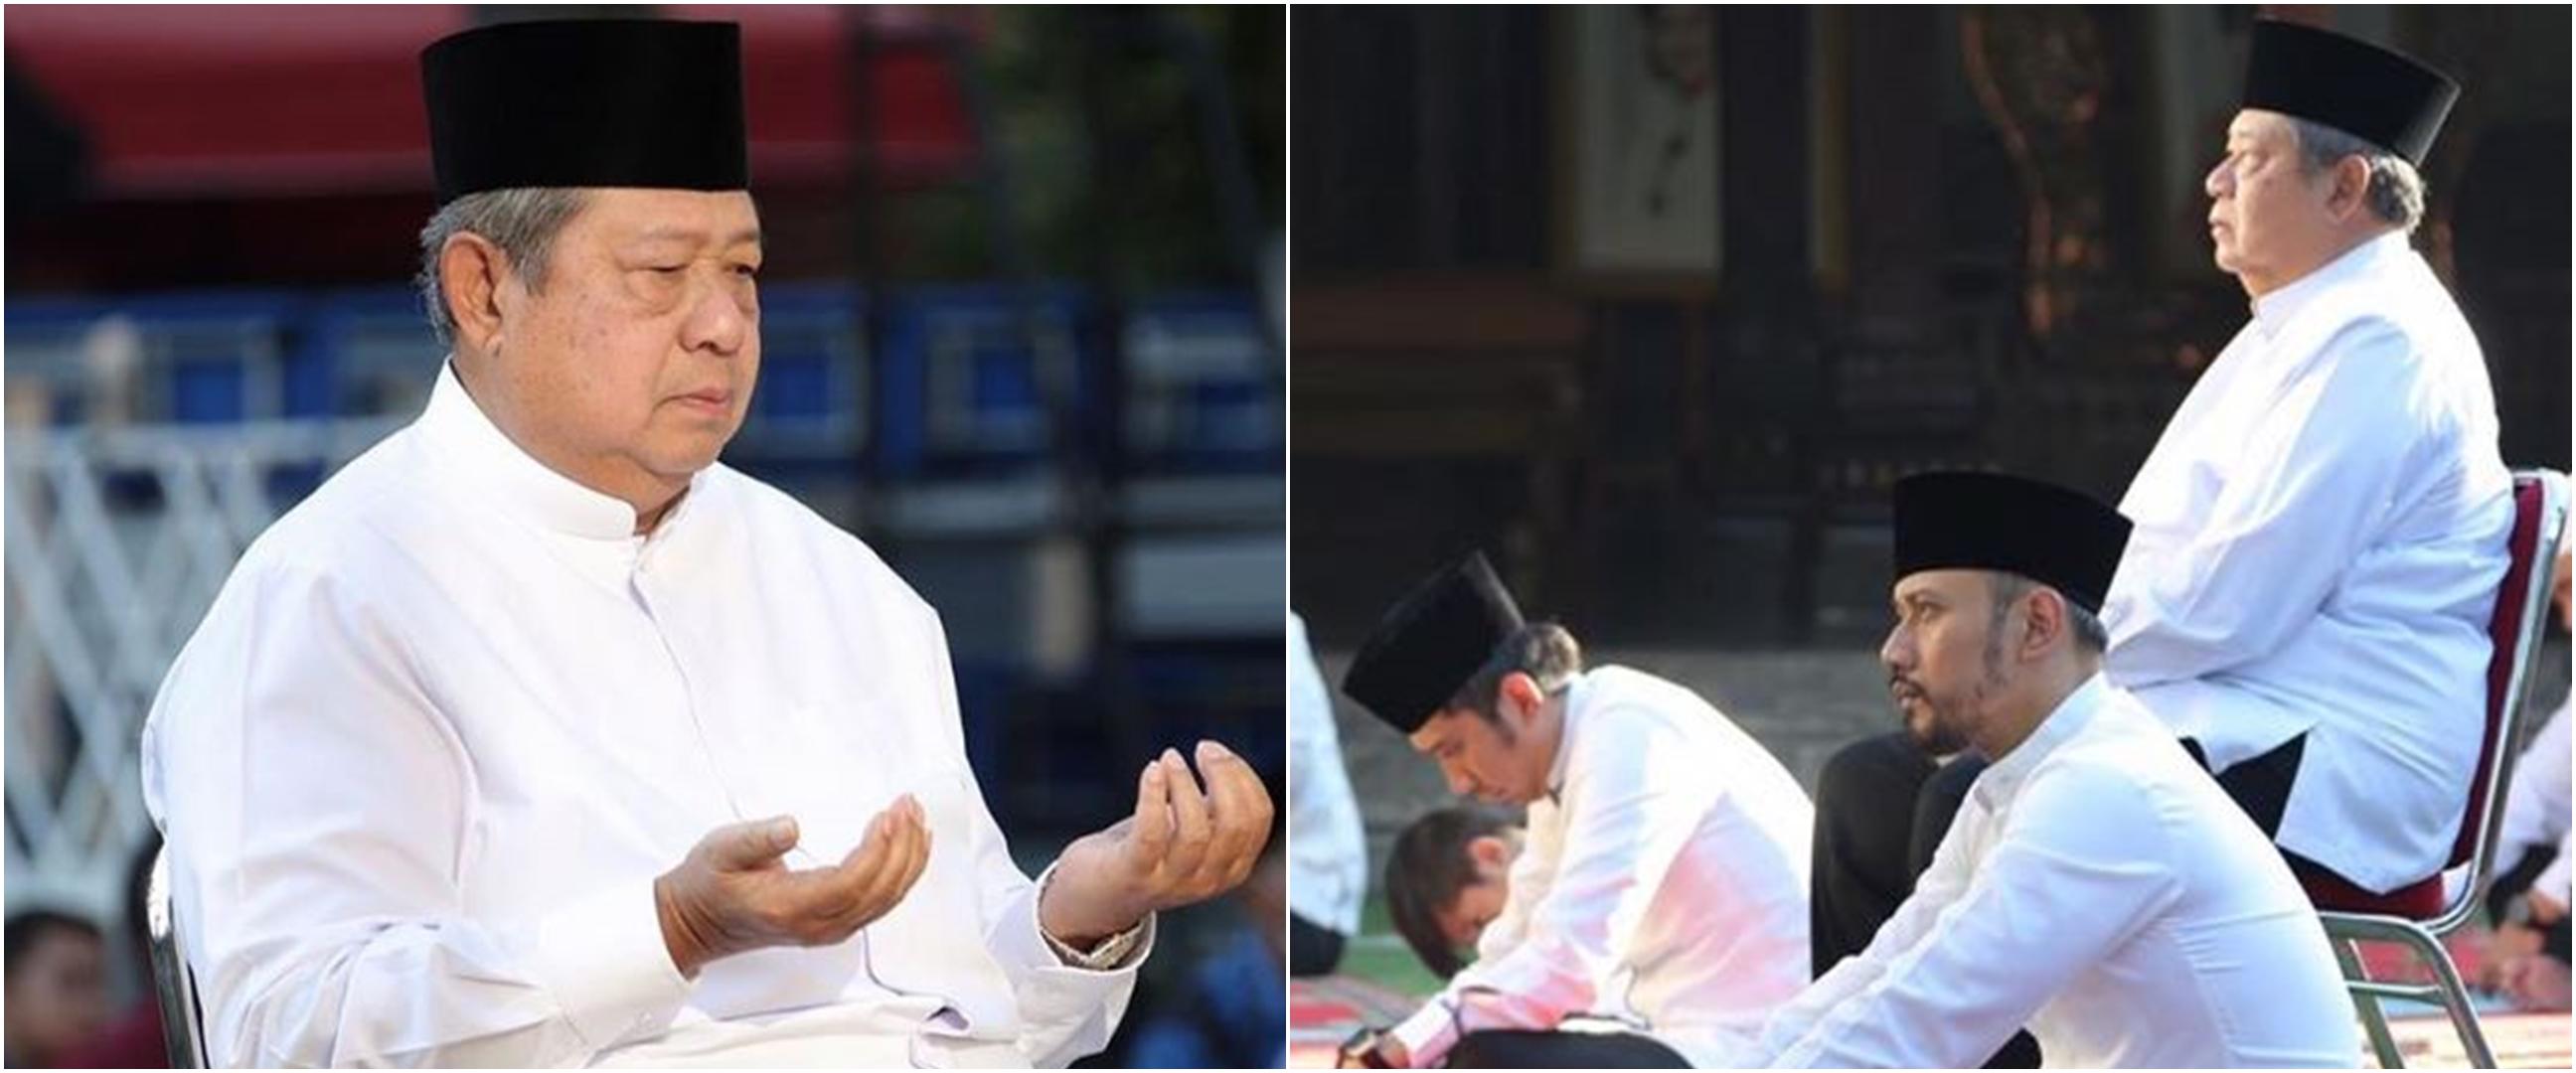 1 Tahun ditinggal Ani Yudhoyono, curhat SBY ini bikin haru